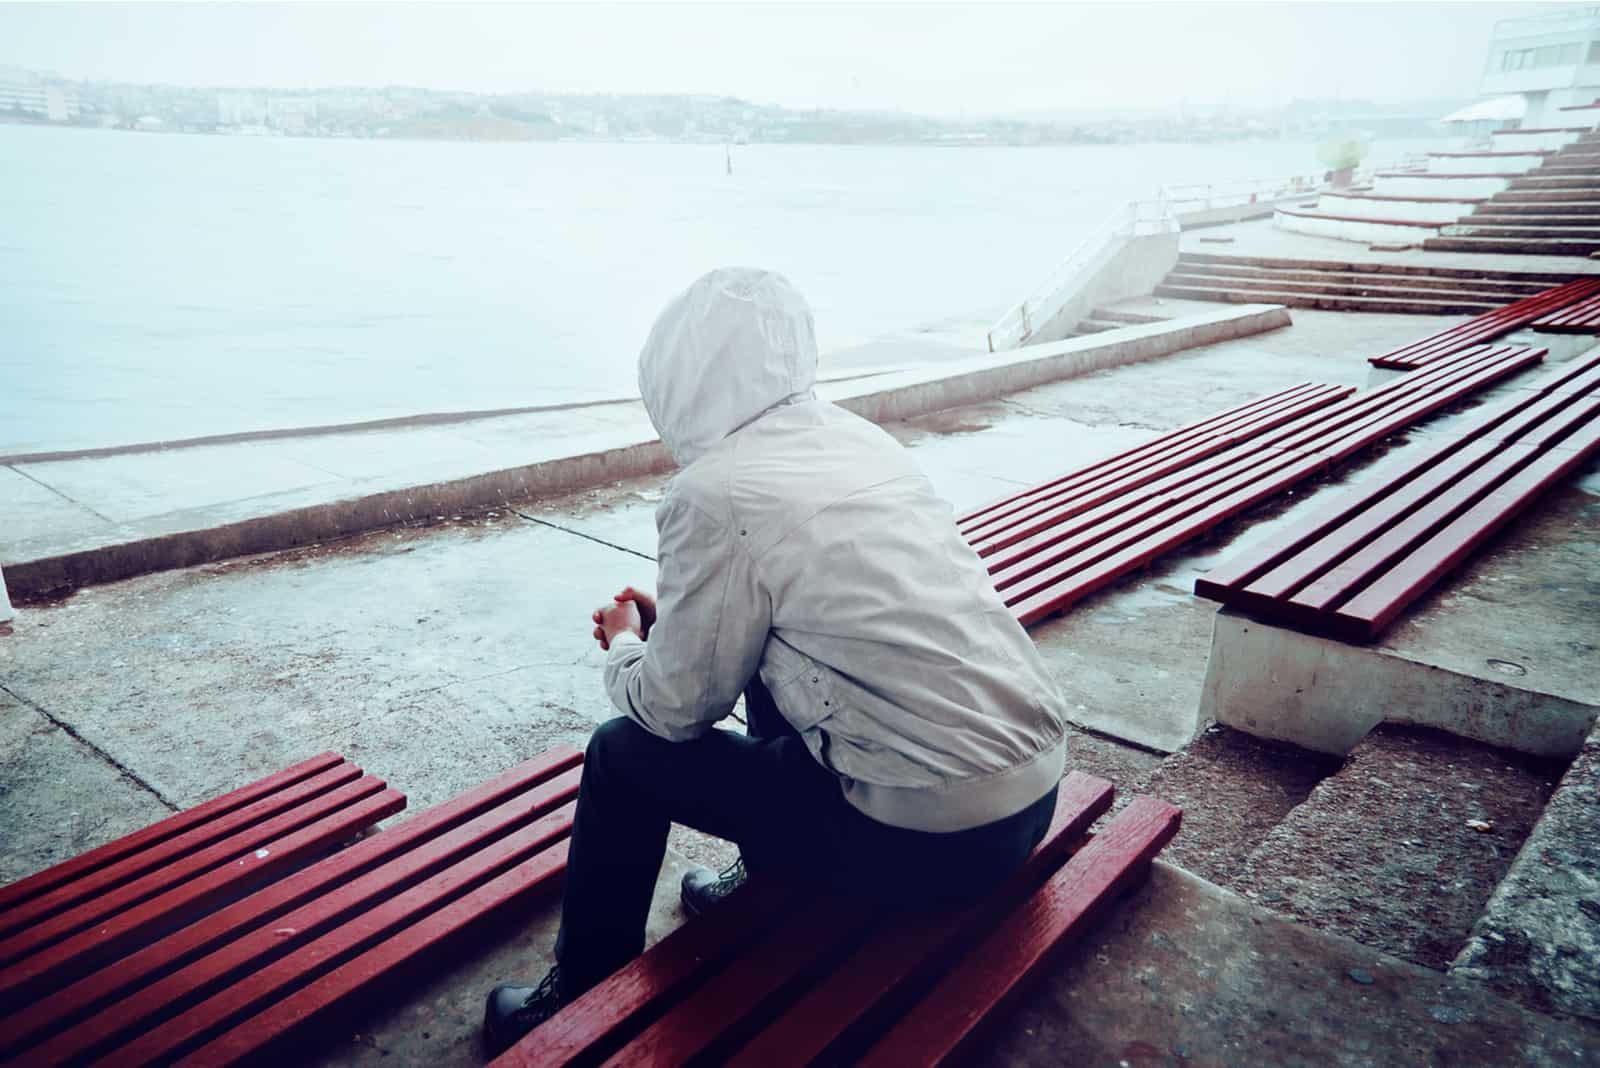 l'homme est assis seul sur un banc